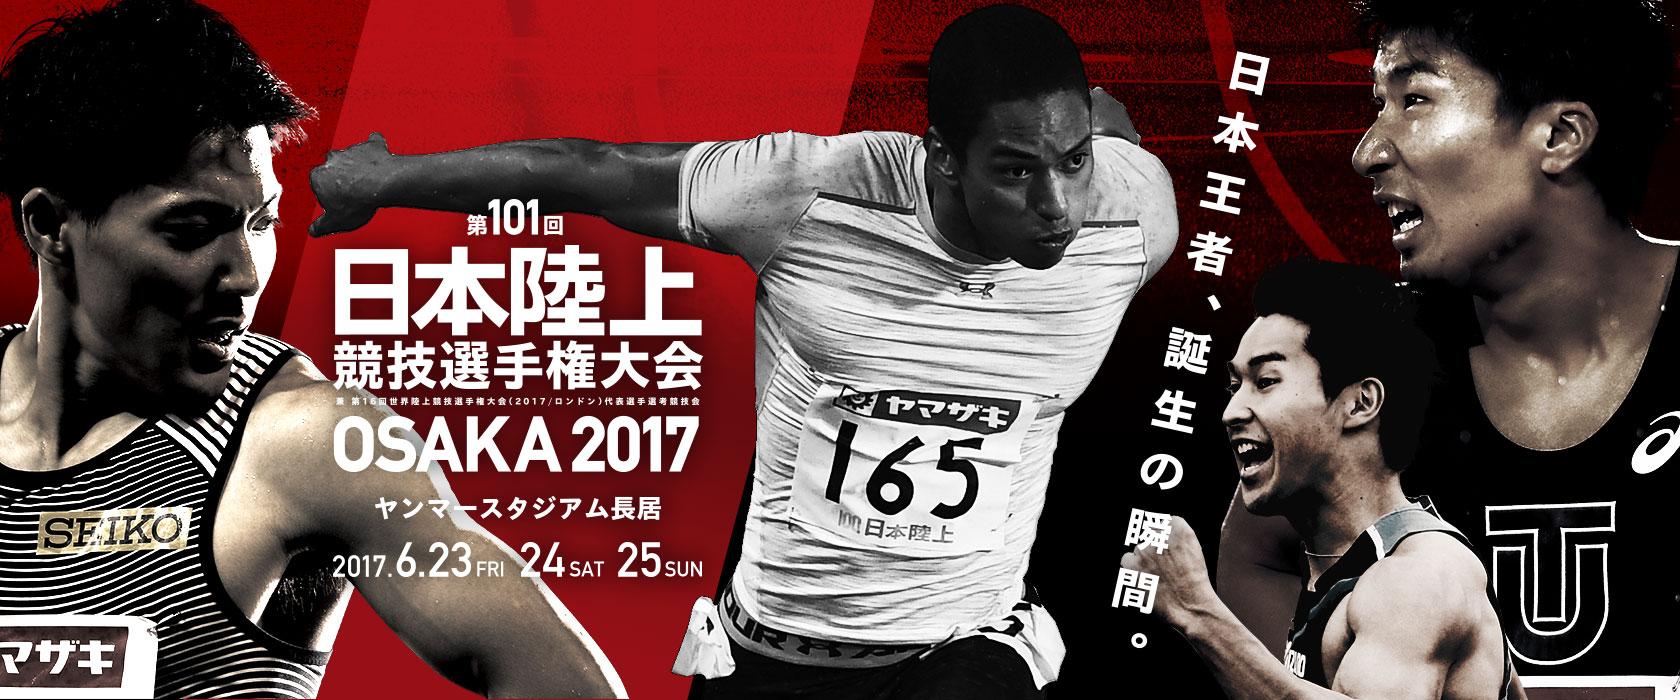 第101回 日本陸上競技選手権大会...